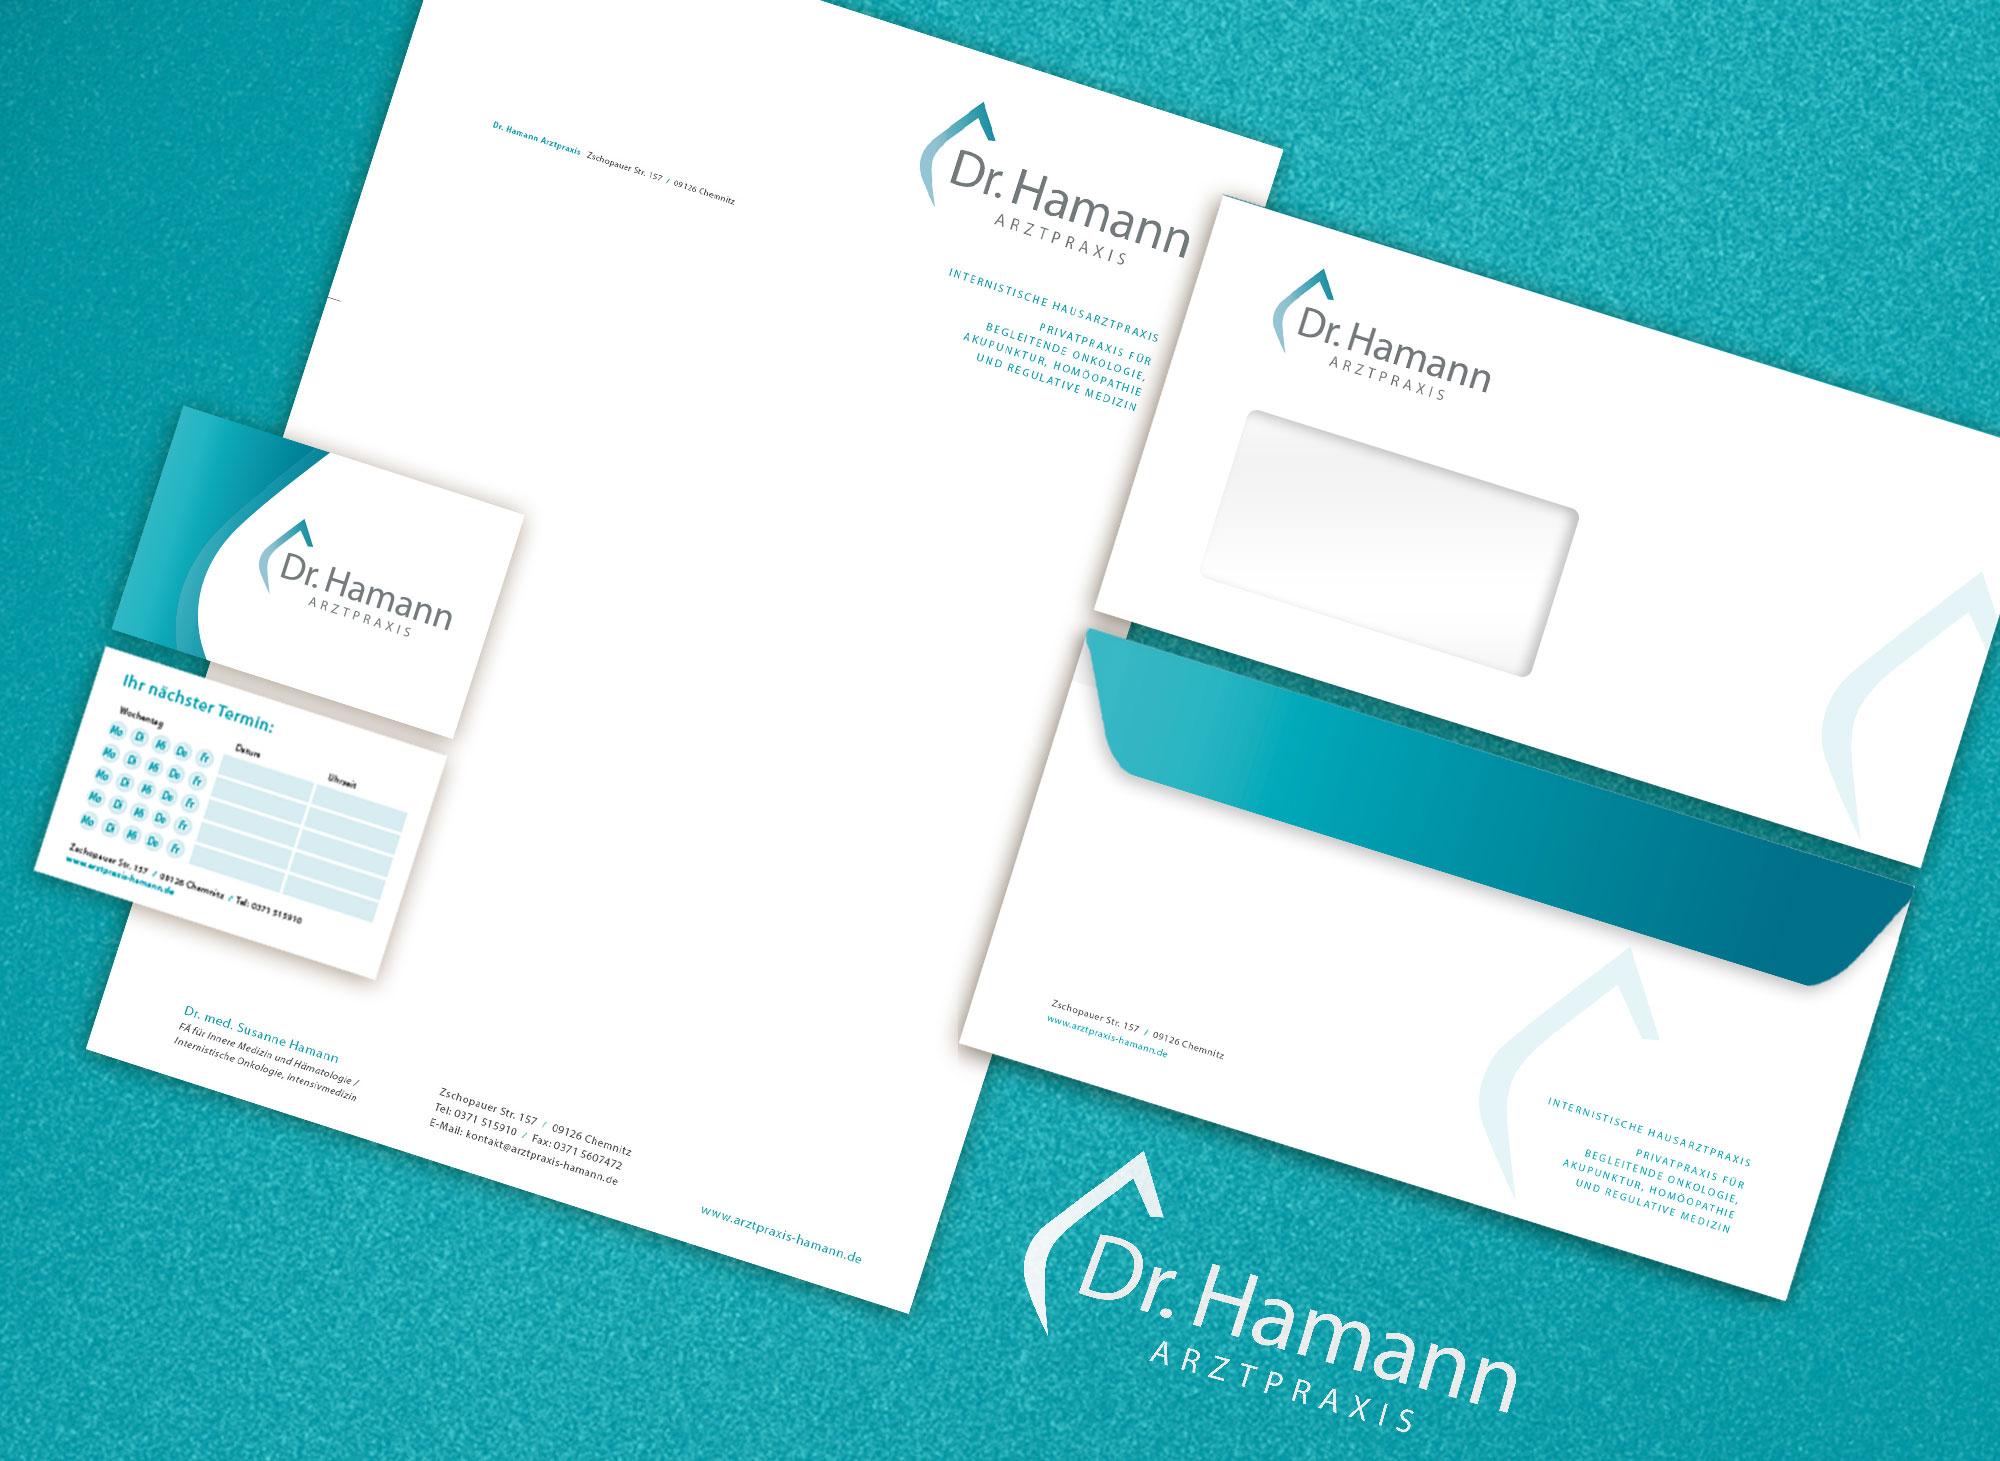 Werbeagentur Portfolio - Dr. Hamann